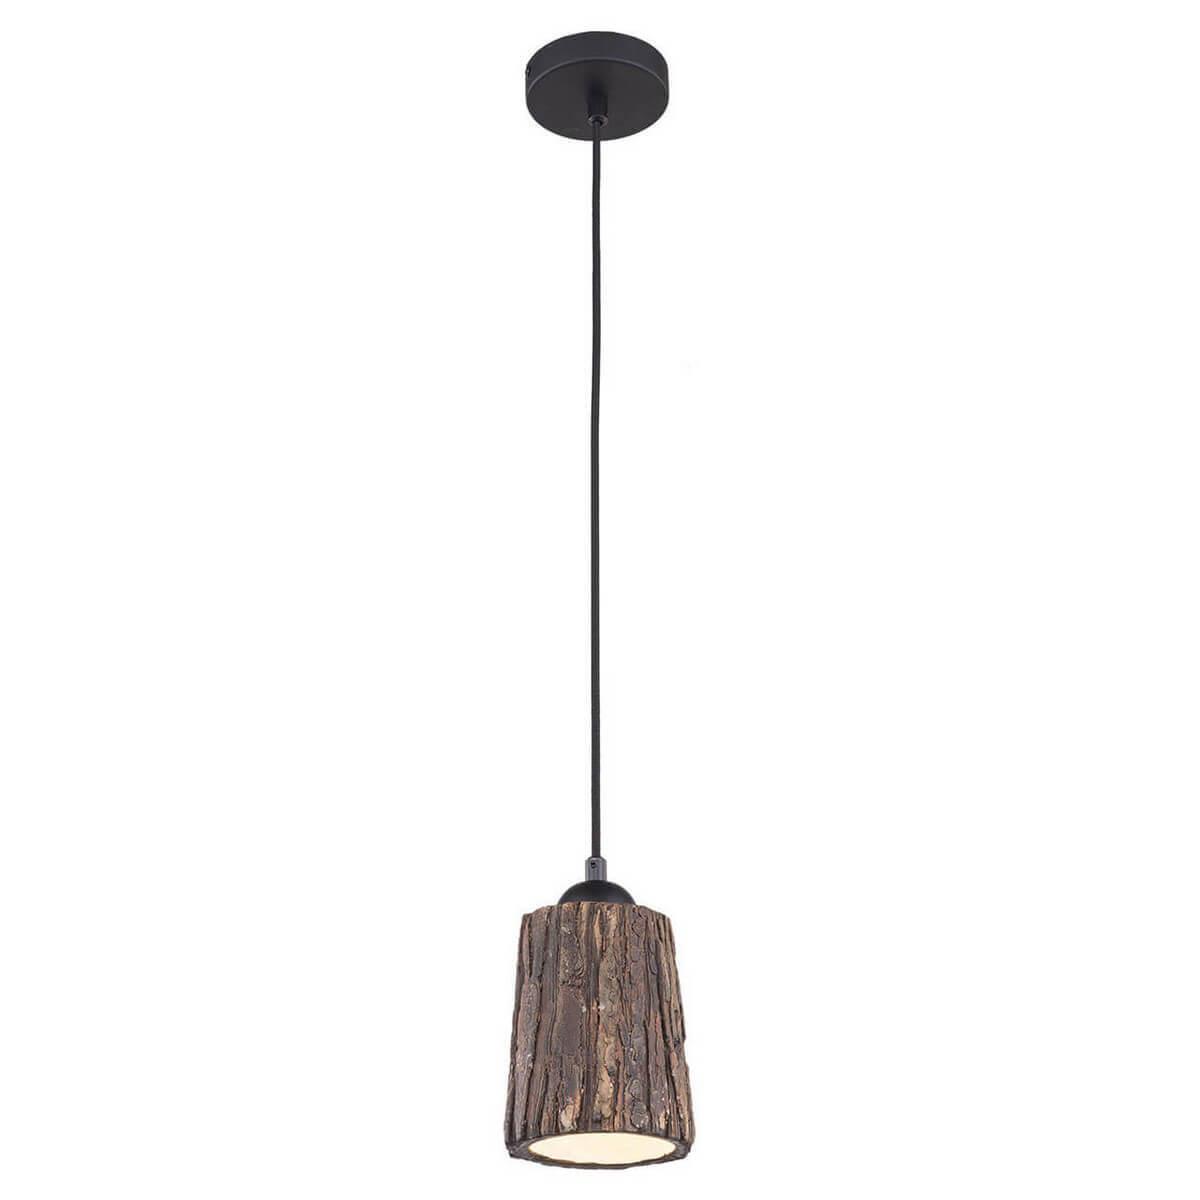 Подвесной светильник Lussole GRLSP-9862 подвесной светильник lussole grlsp 9654 красный